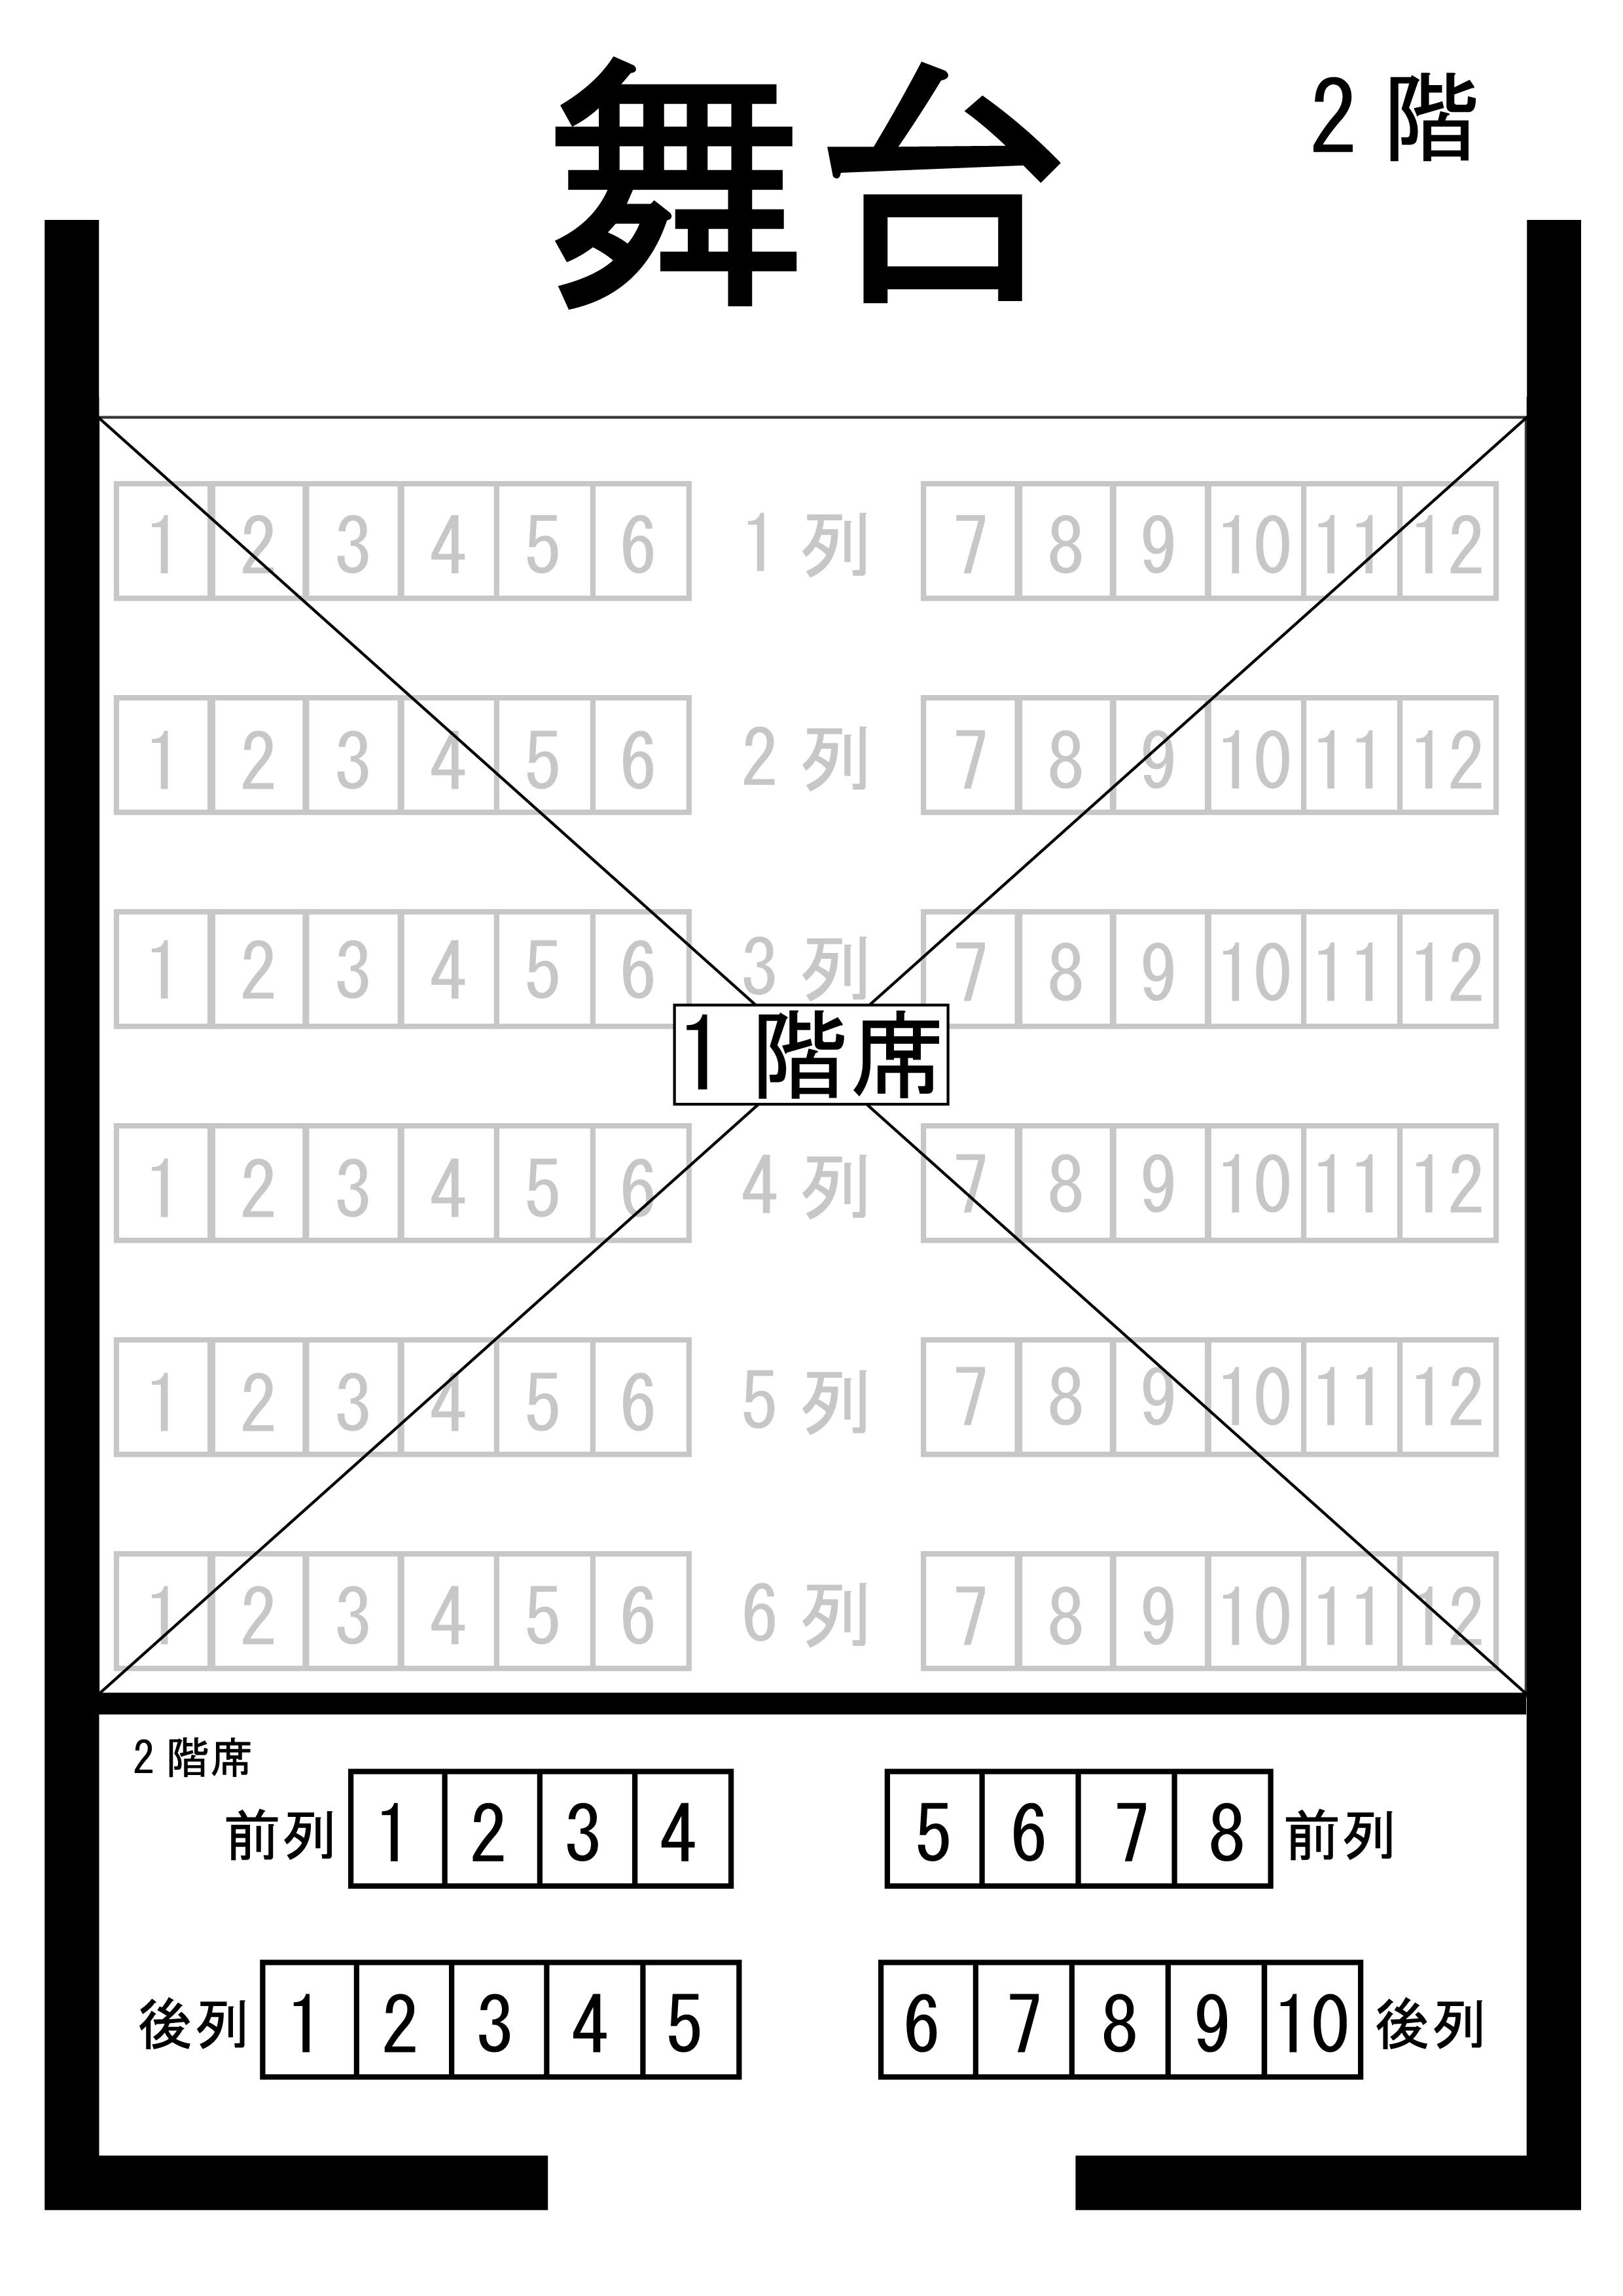 東京建物八重洲ホール座席表2F